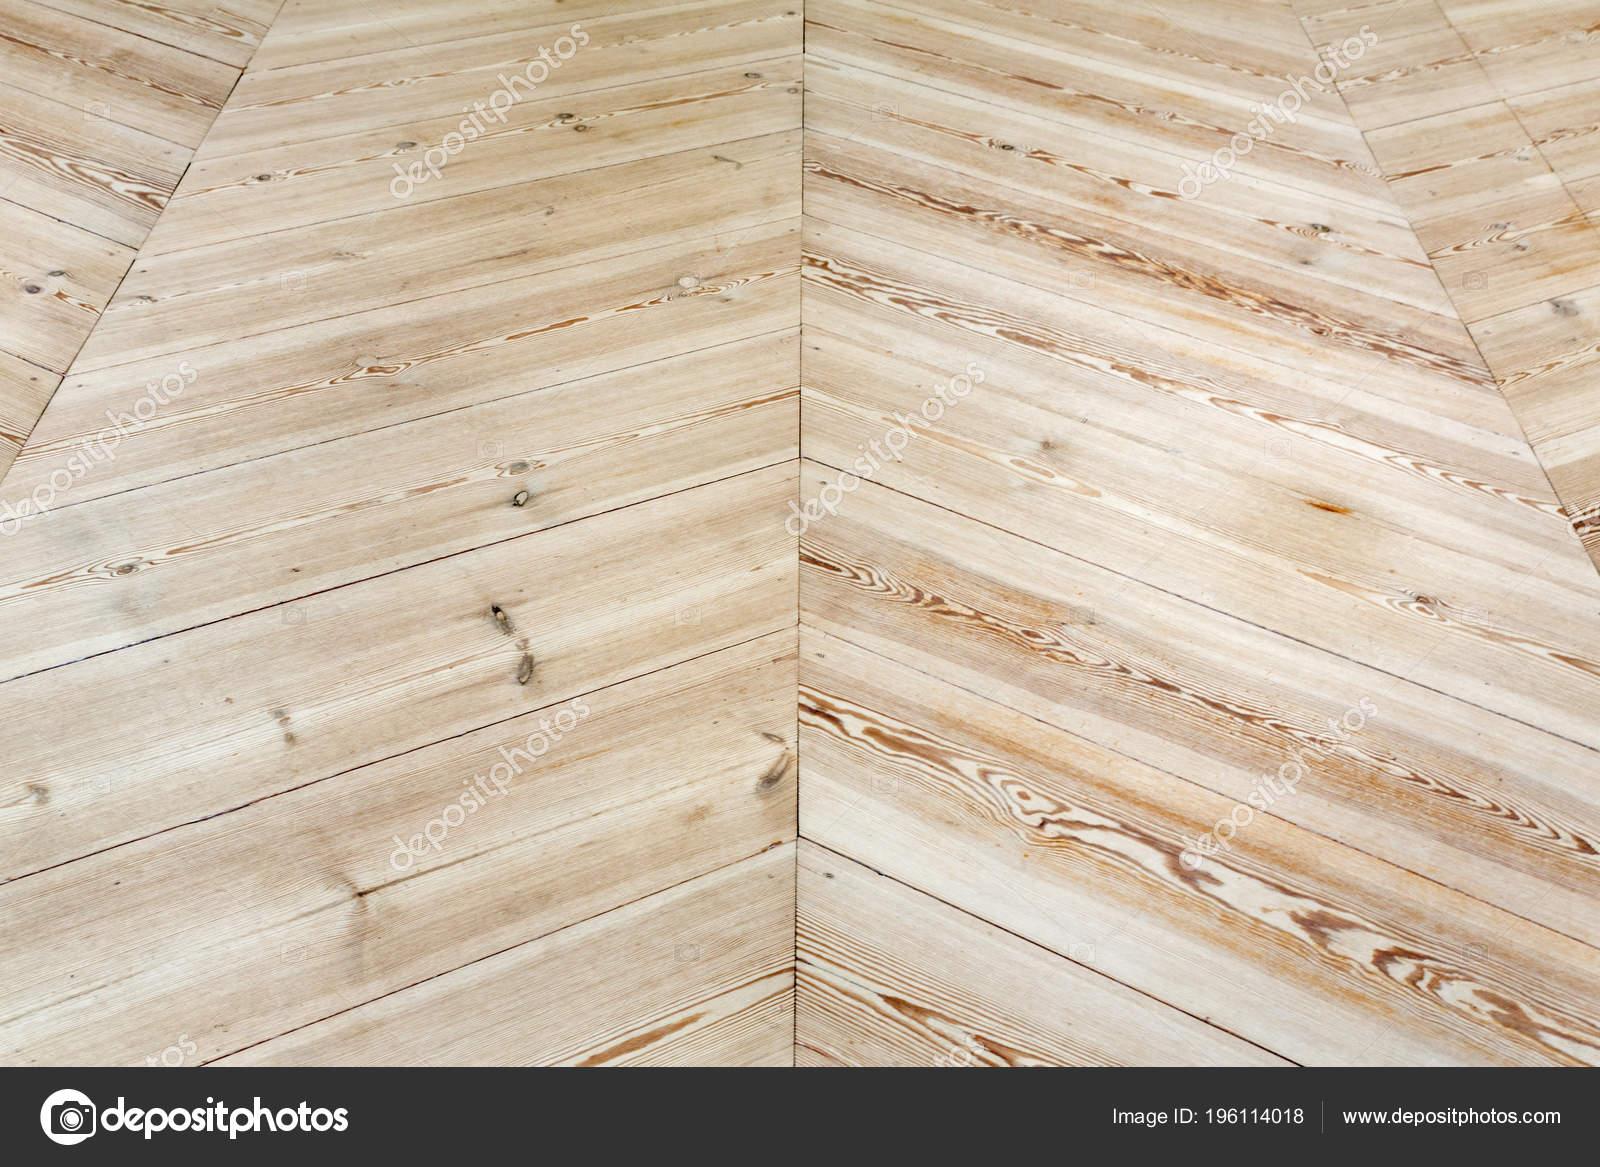 Gebruikte Houten Vloer : Houten vloer kan worden gebruikt als achtergrond u stockfoto